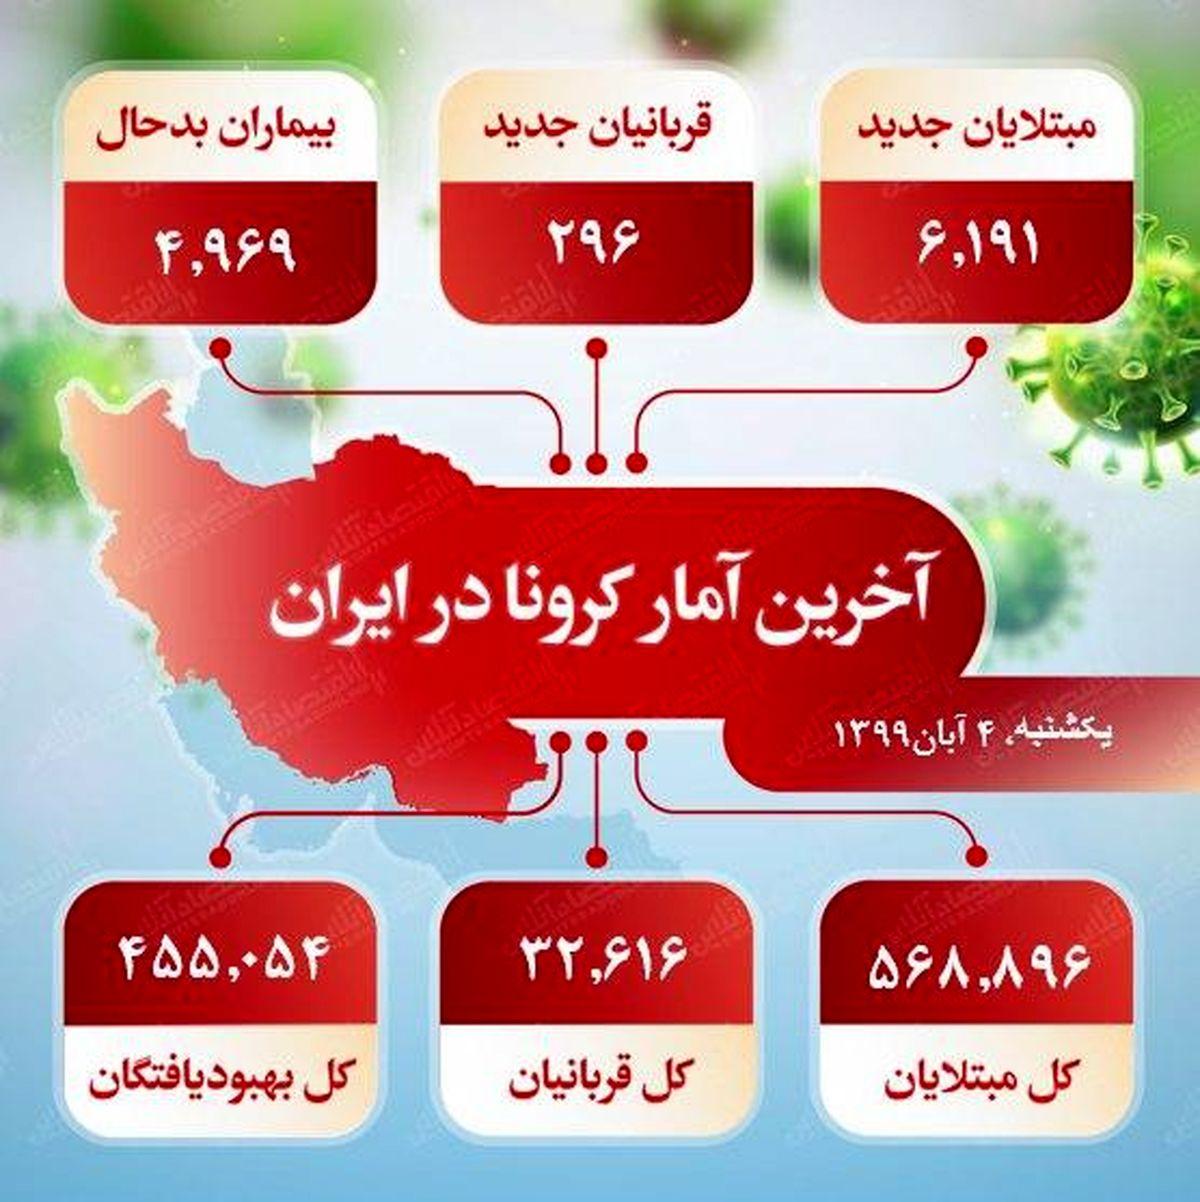 آخرین آمار کرونا در ایران (۹۹/۸/۴)